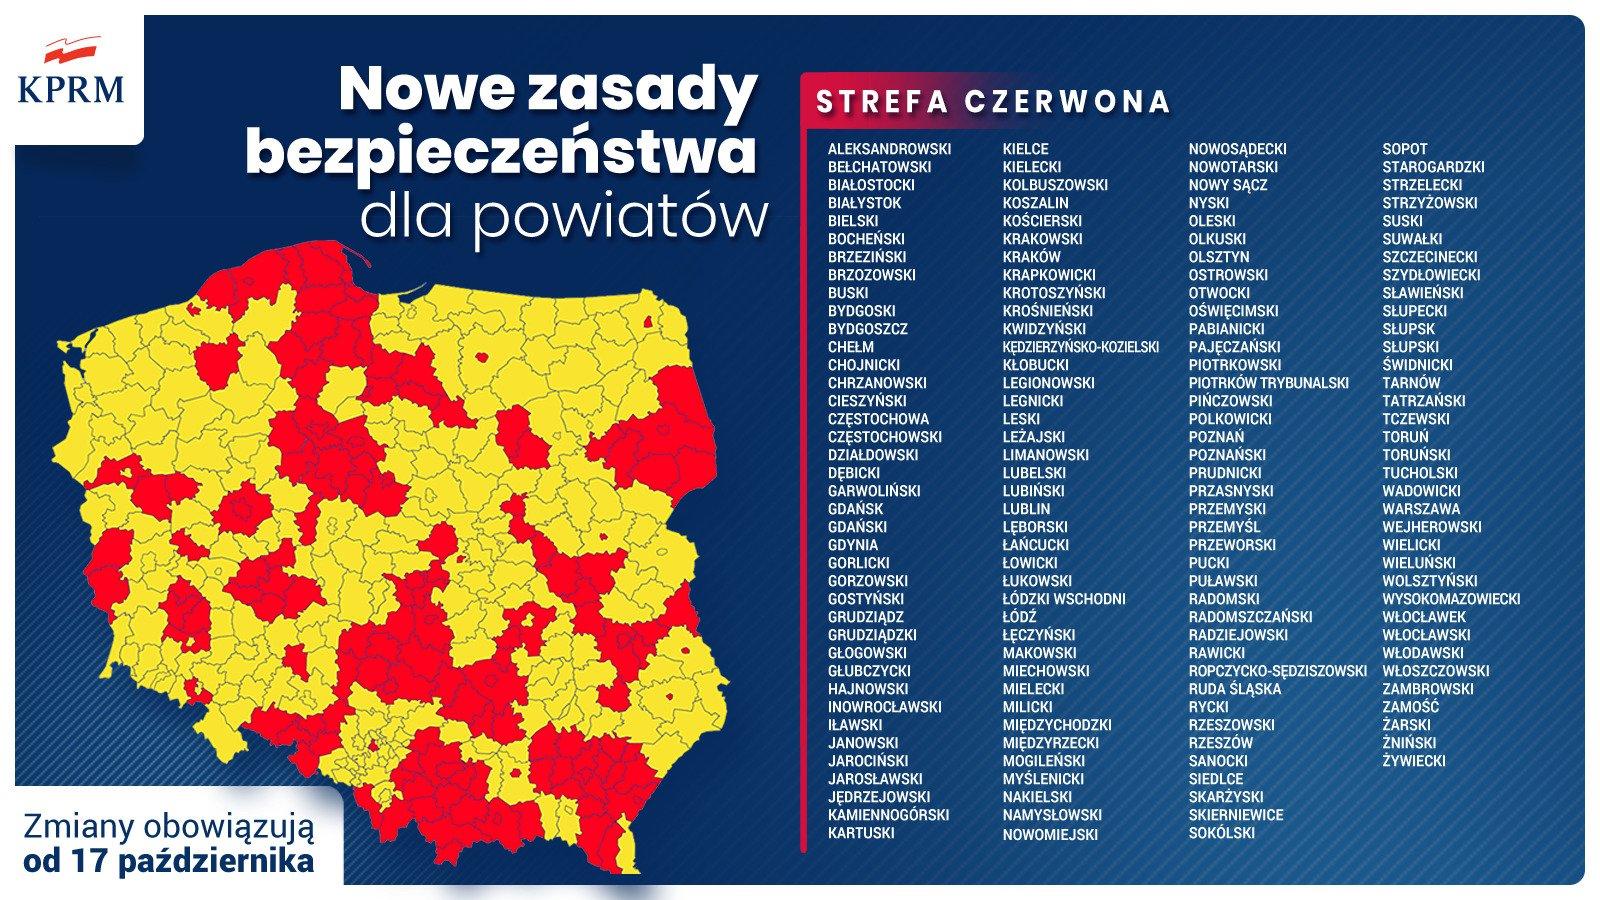 Strefa czerwona i żółta Covid-19 [MAPA] | 300Gospodarka.pl